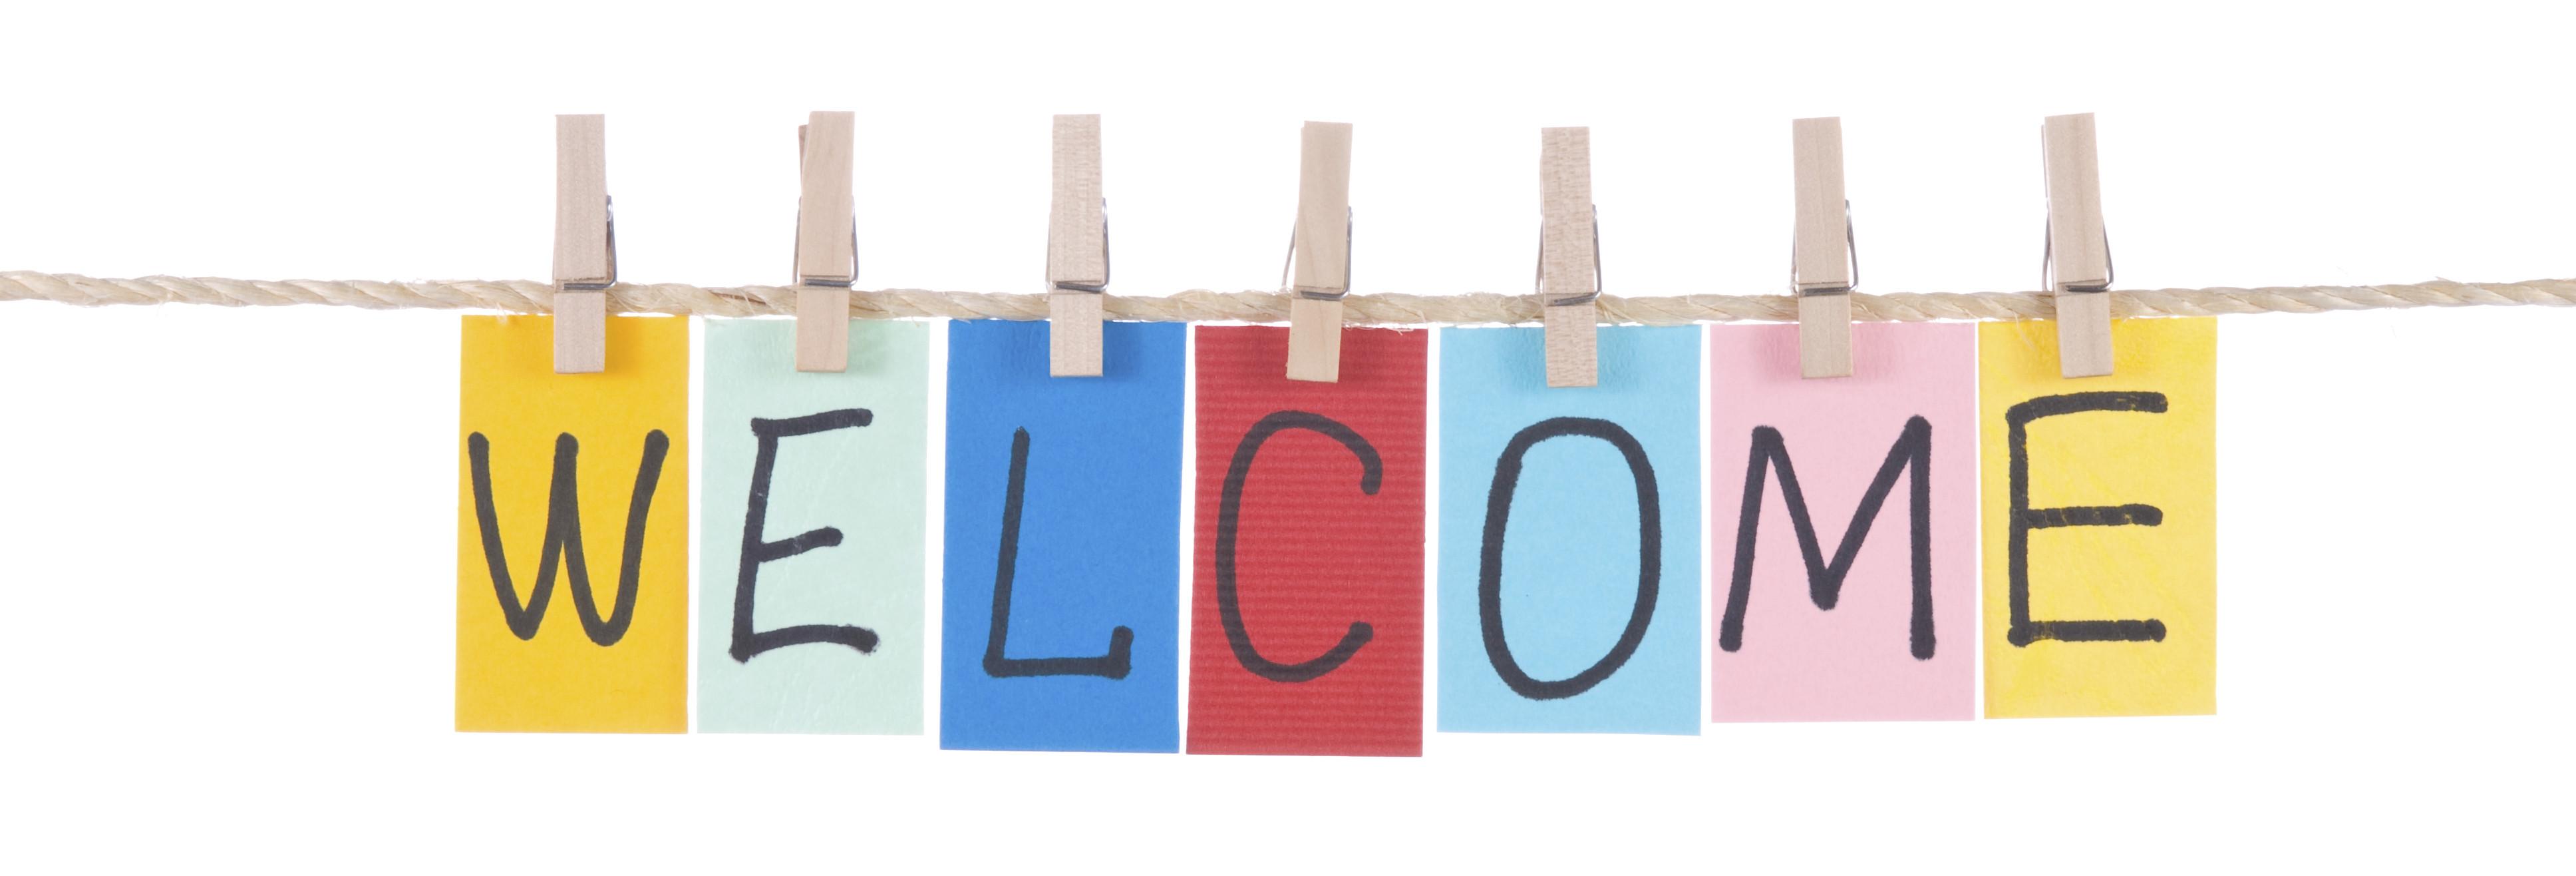 chào mừng bạn đã đến với blog của hà trọng hưng